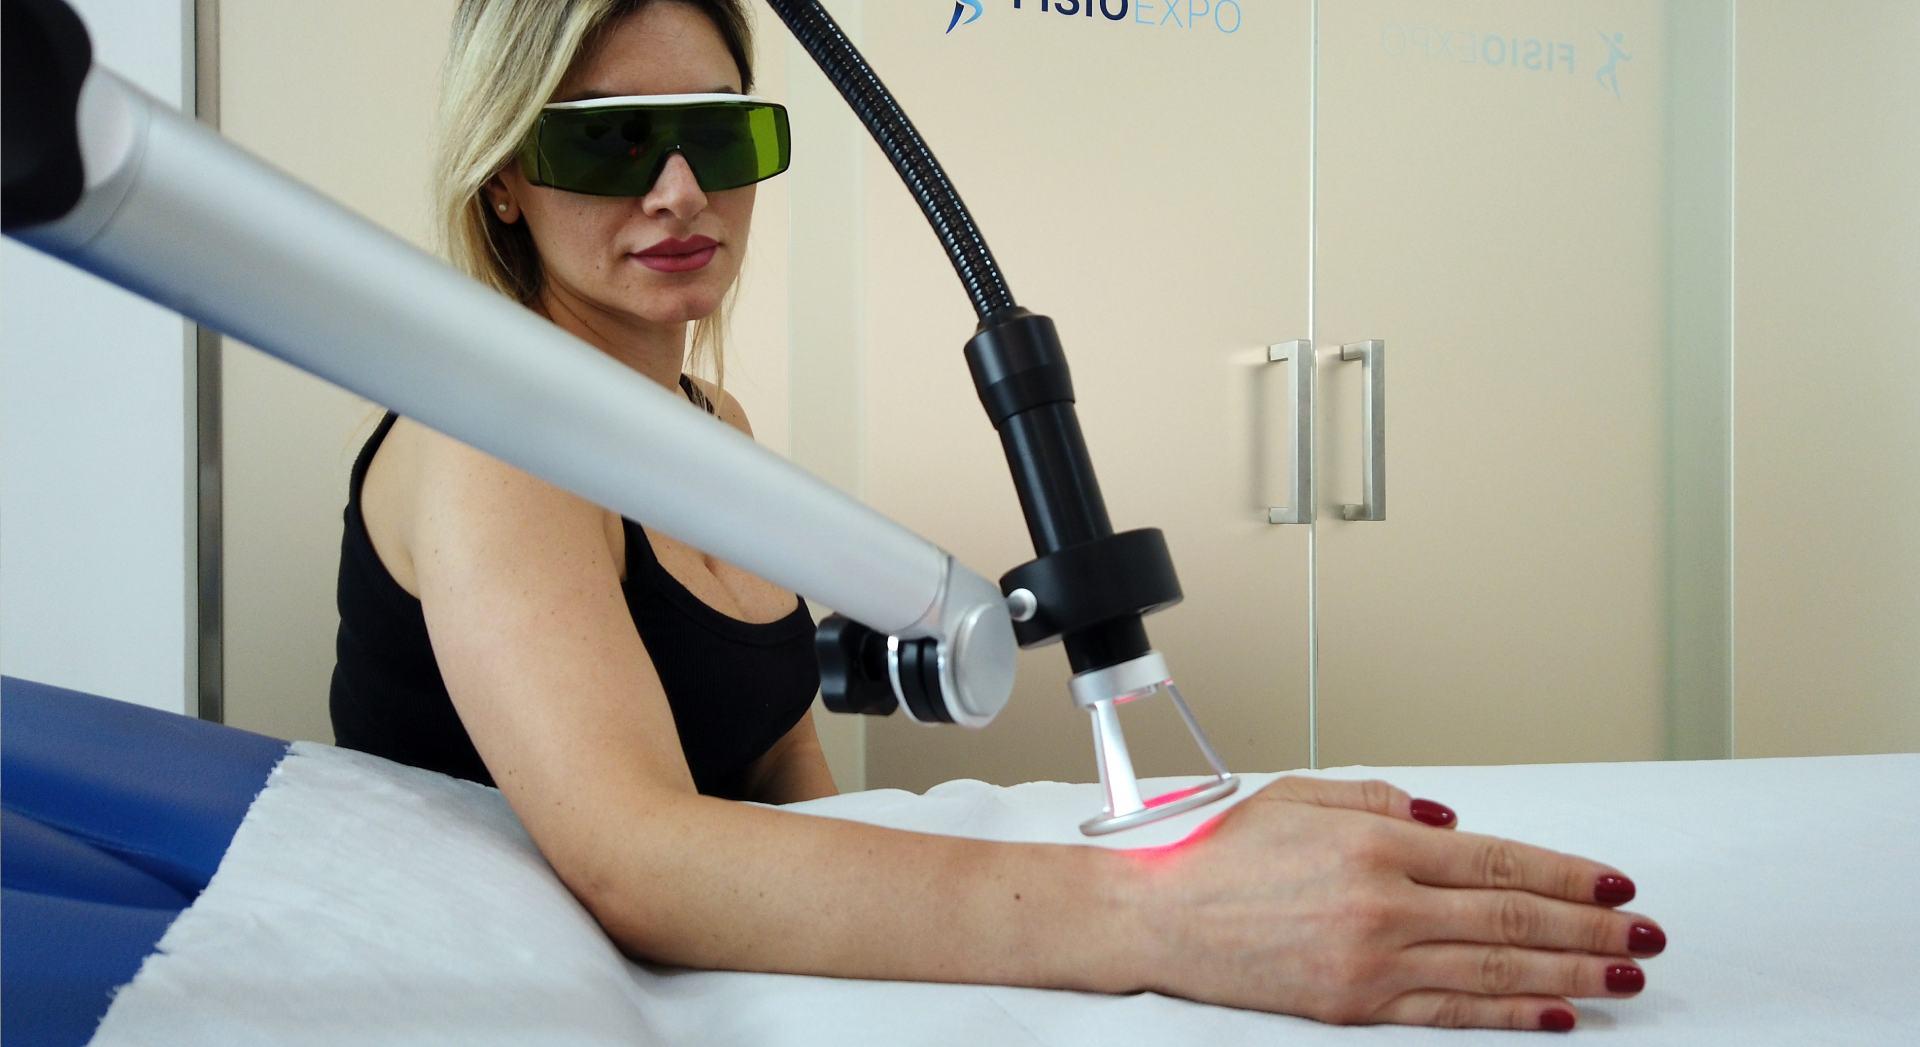 Una paziente alle prese con una seduta di laserterapia